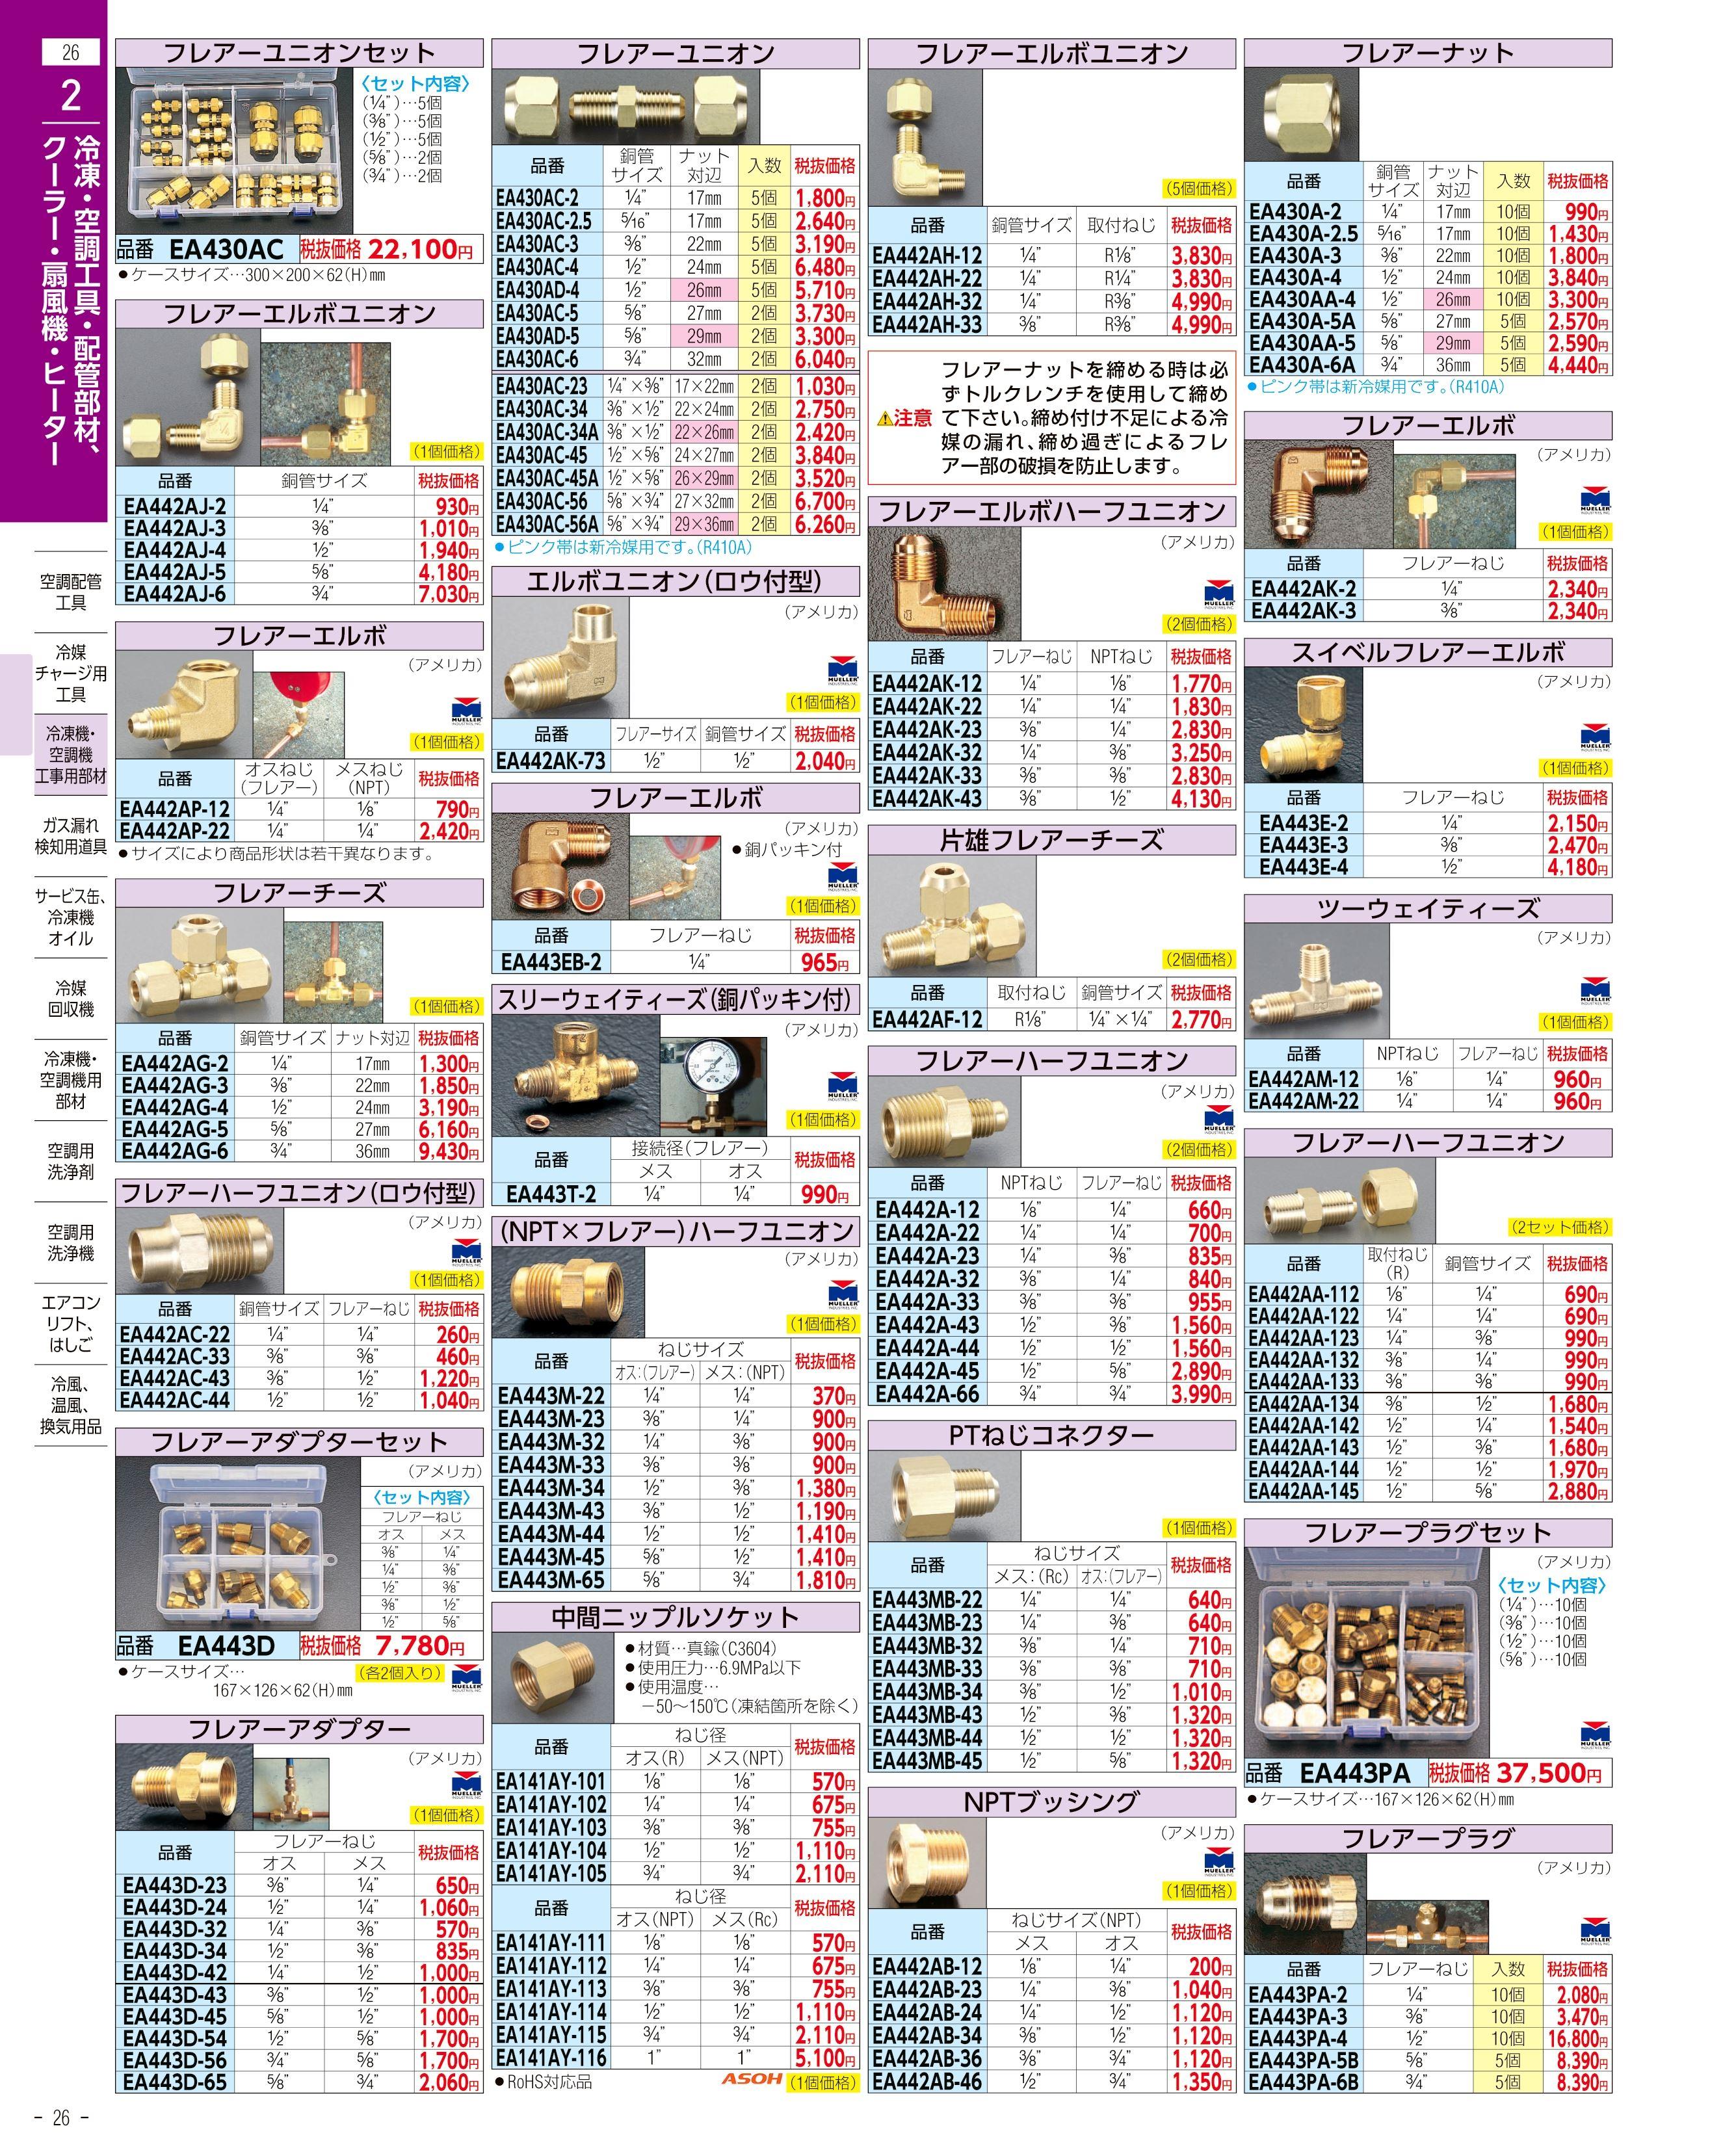 エスコ便利カタログ26ページ